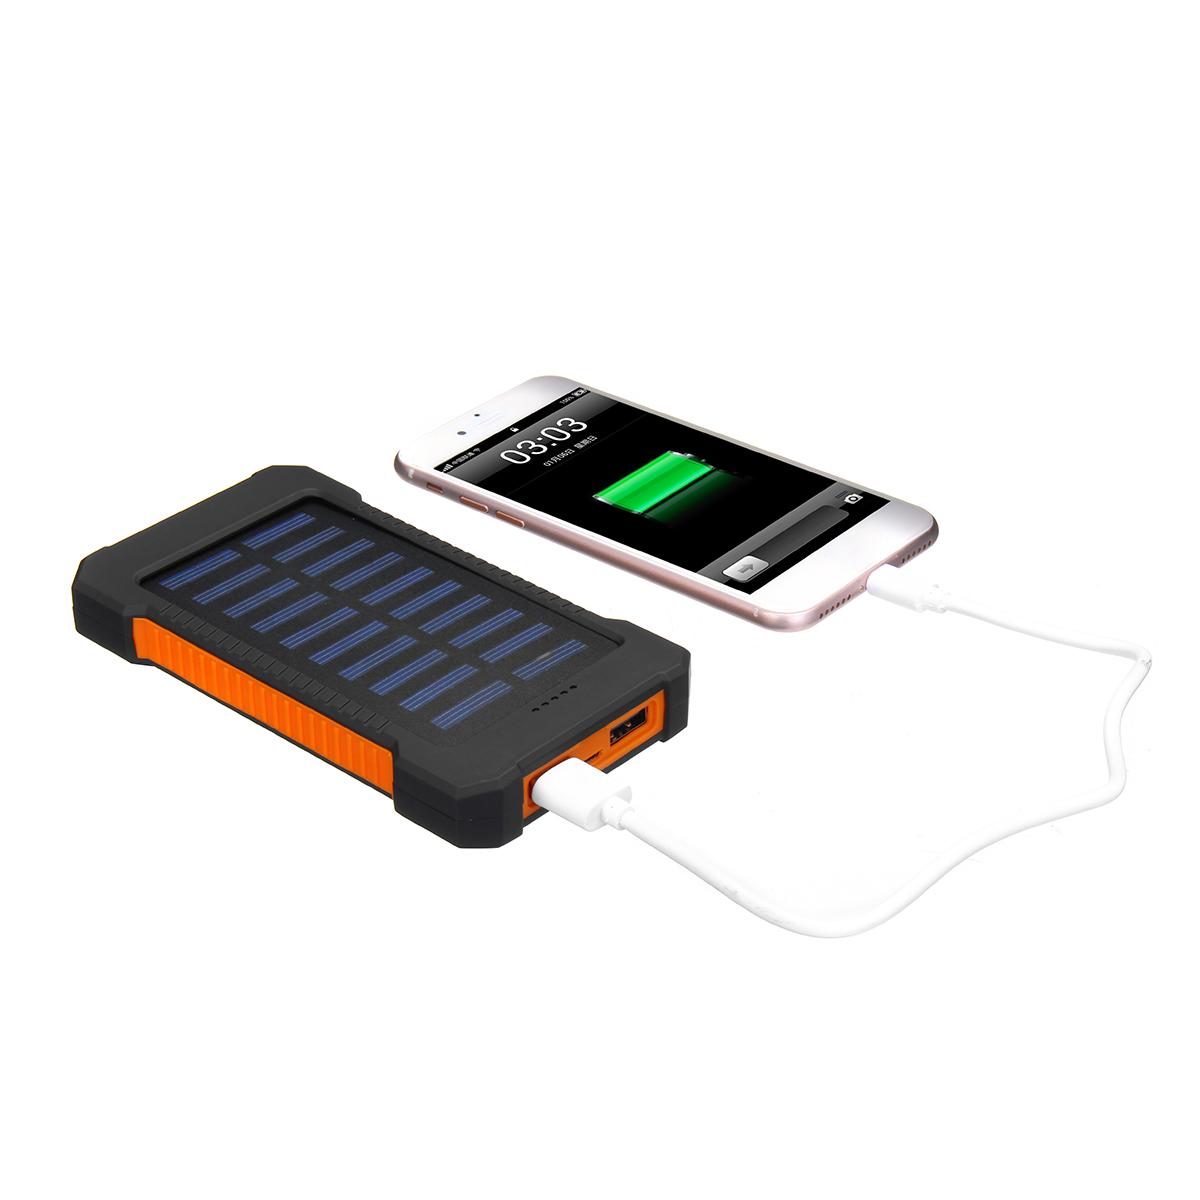 Топ - 5 лучших зарядных устройств и панелей на солнечных батареях - особенности выбора и покупки